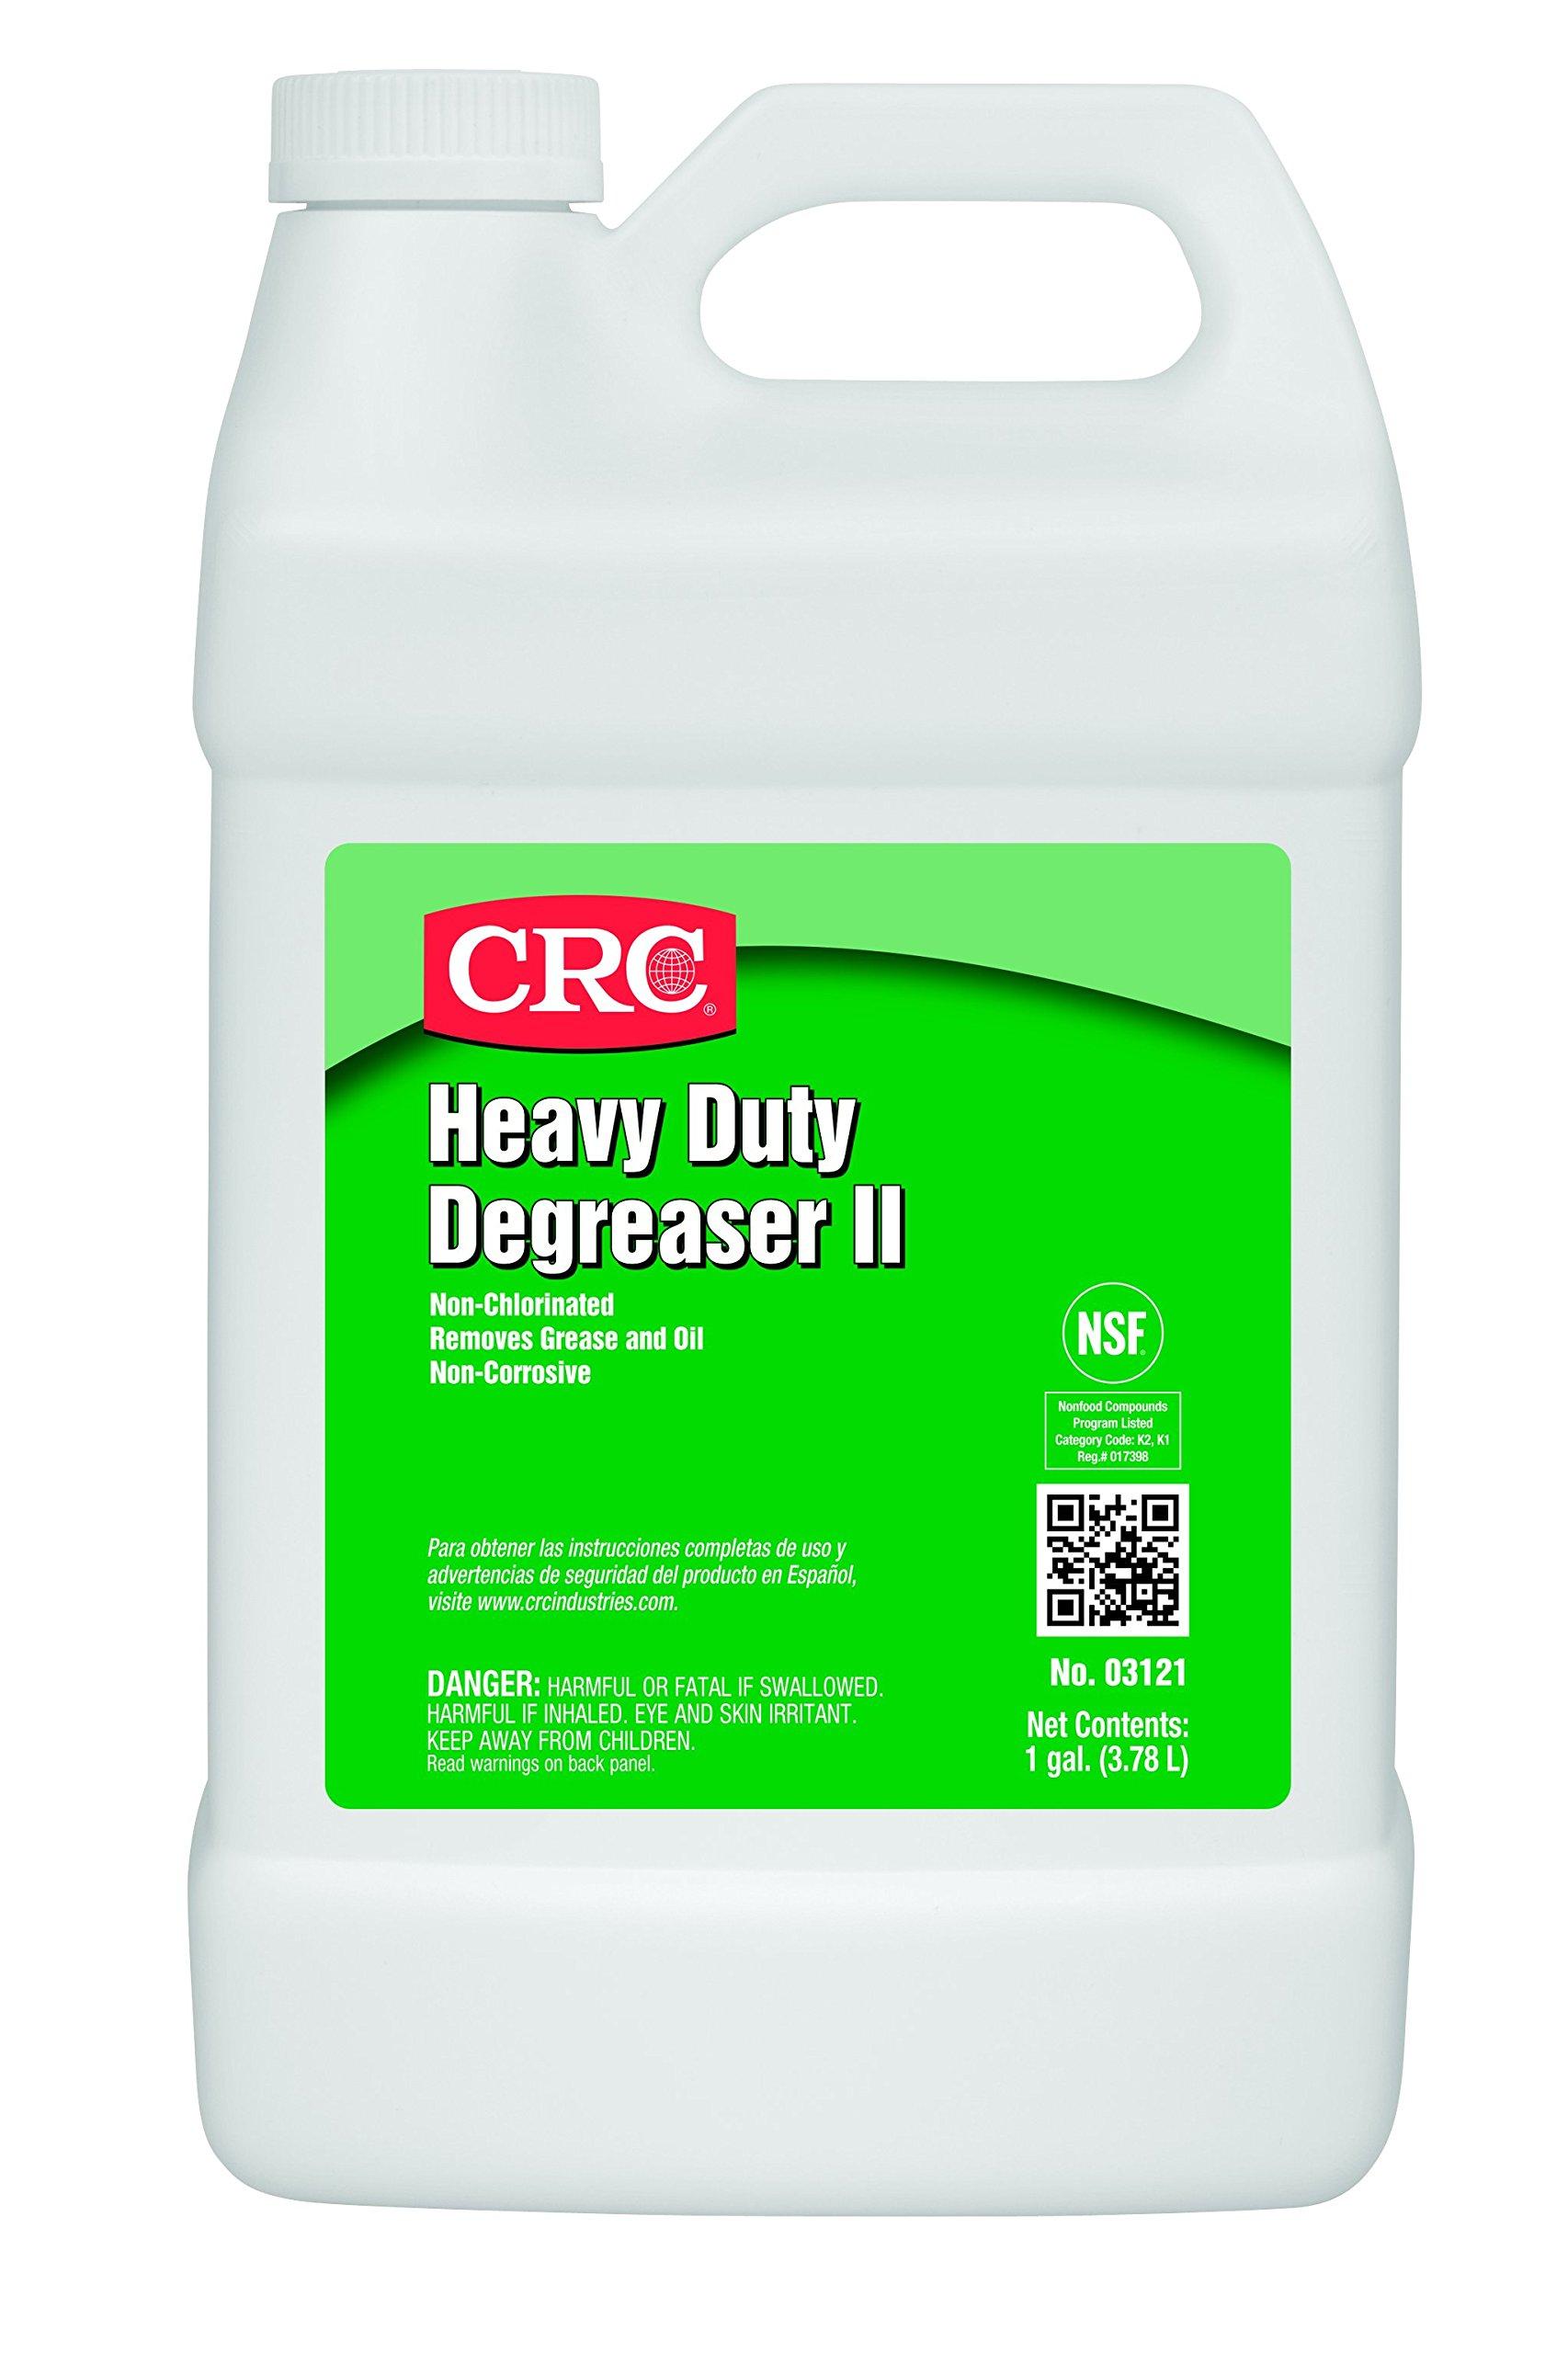 CRC Heavy Duty Degreaser II, 1 Gallon Bottle, Clear/White